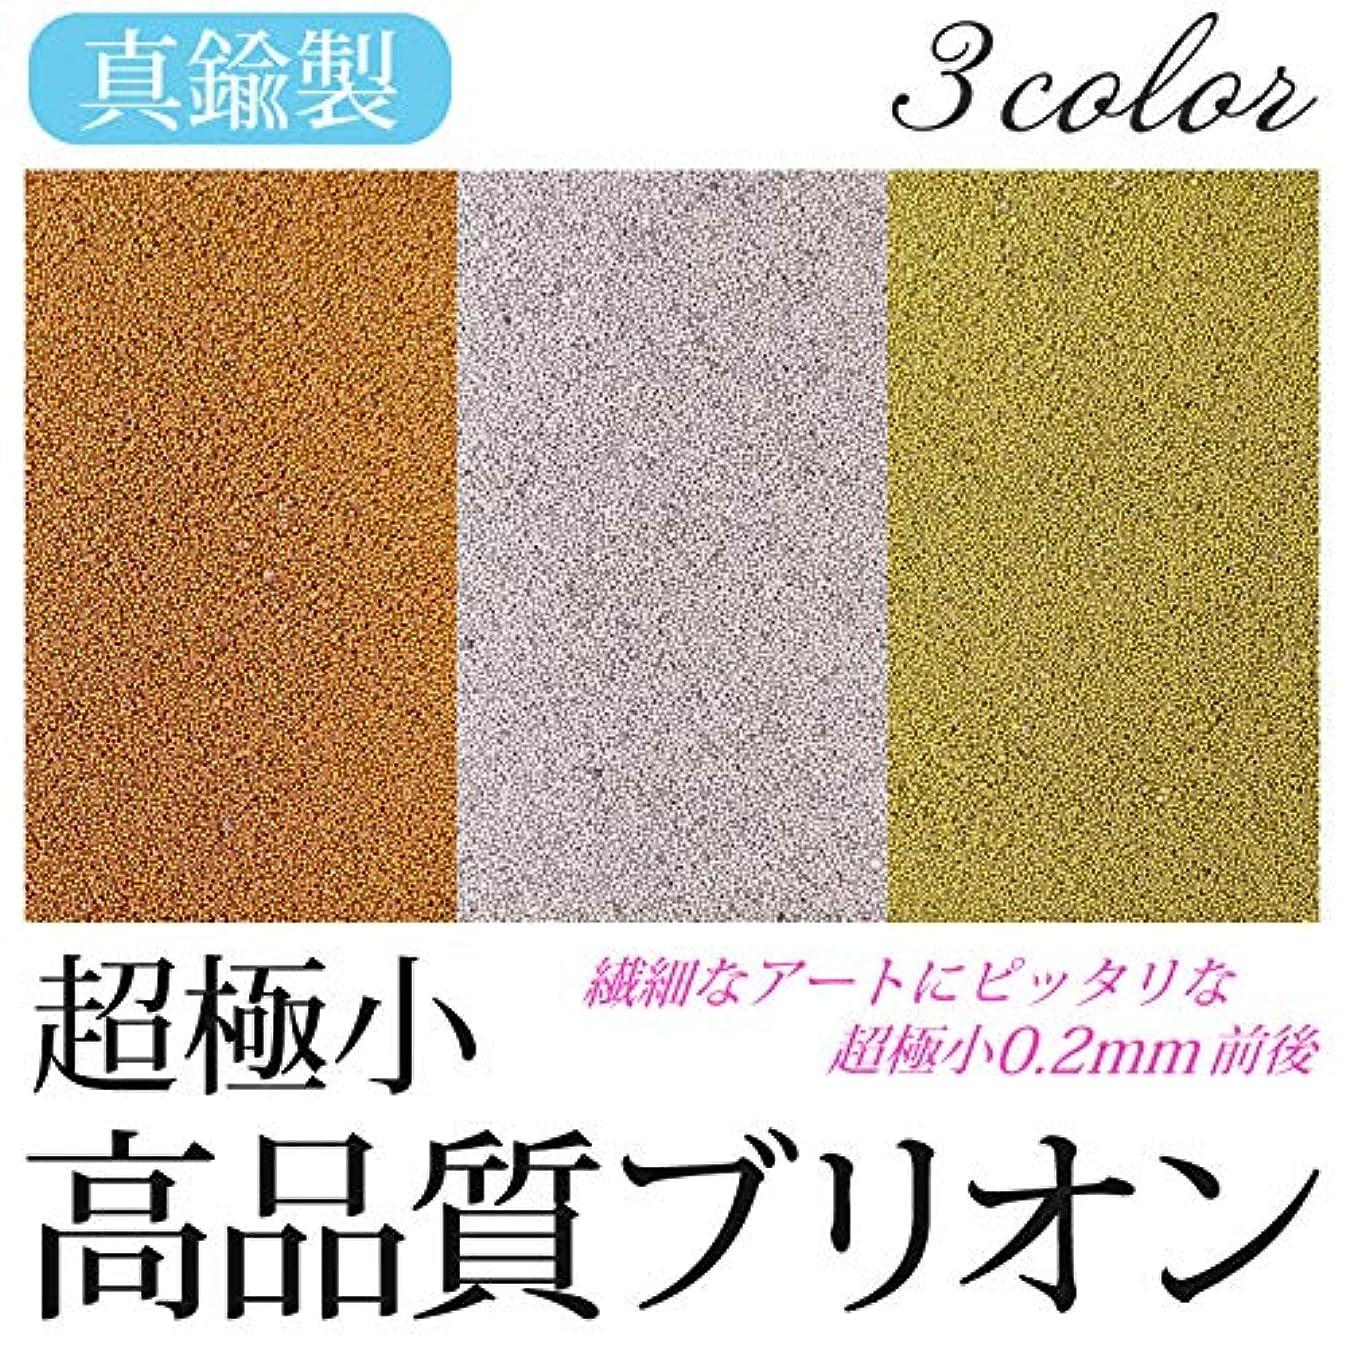 コンクリート水っぽい活性化超極小 高品質ブリオン 全3色 0.5g前後入り (1.アンティークゴールド)